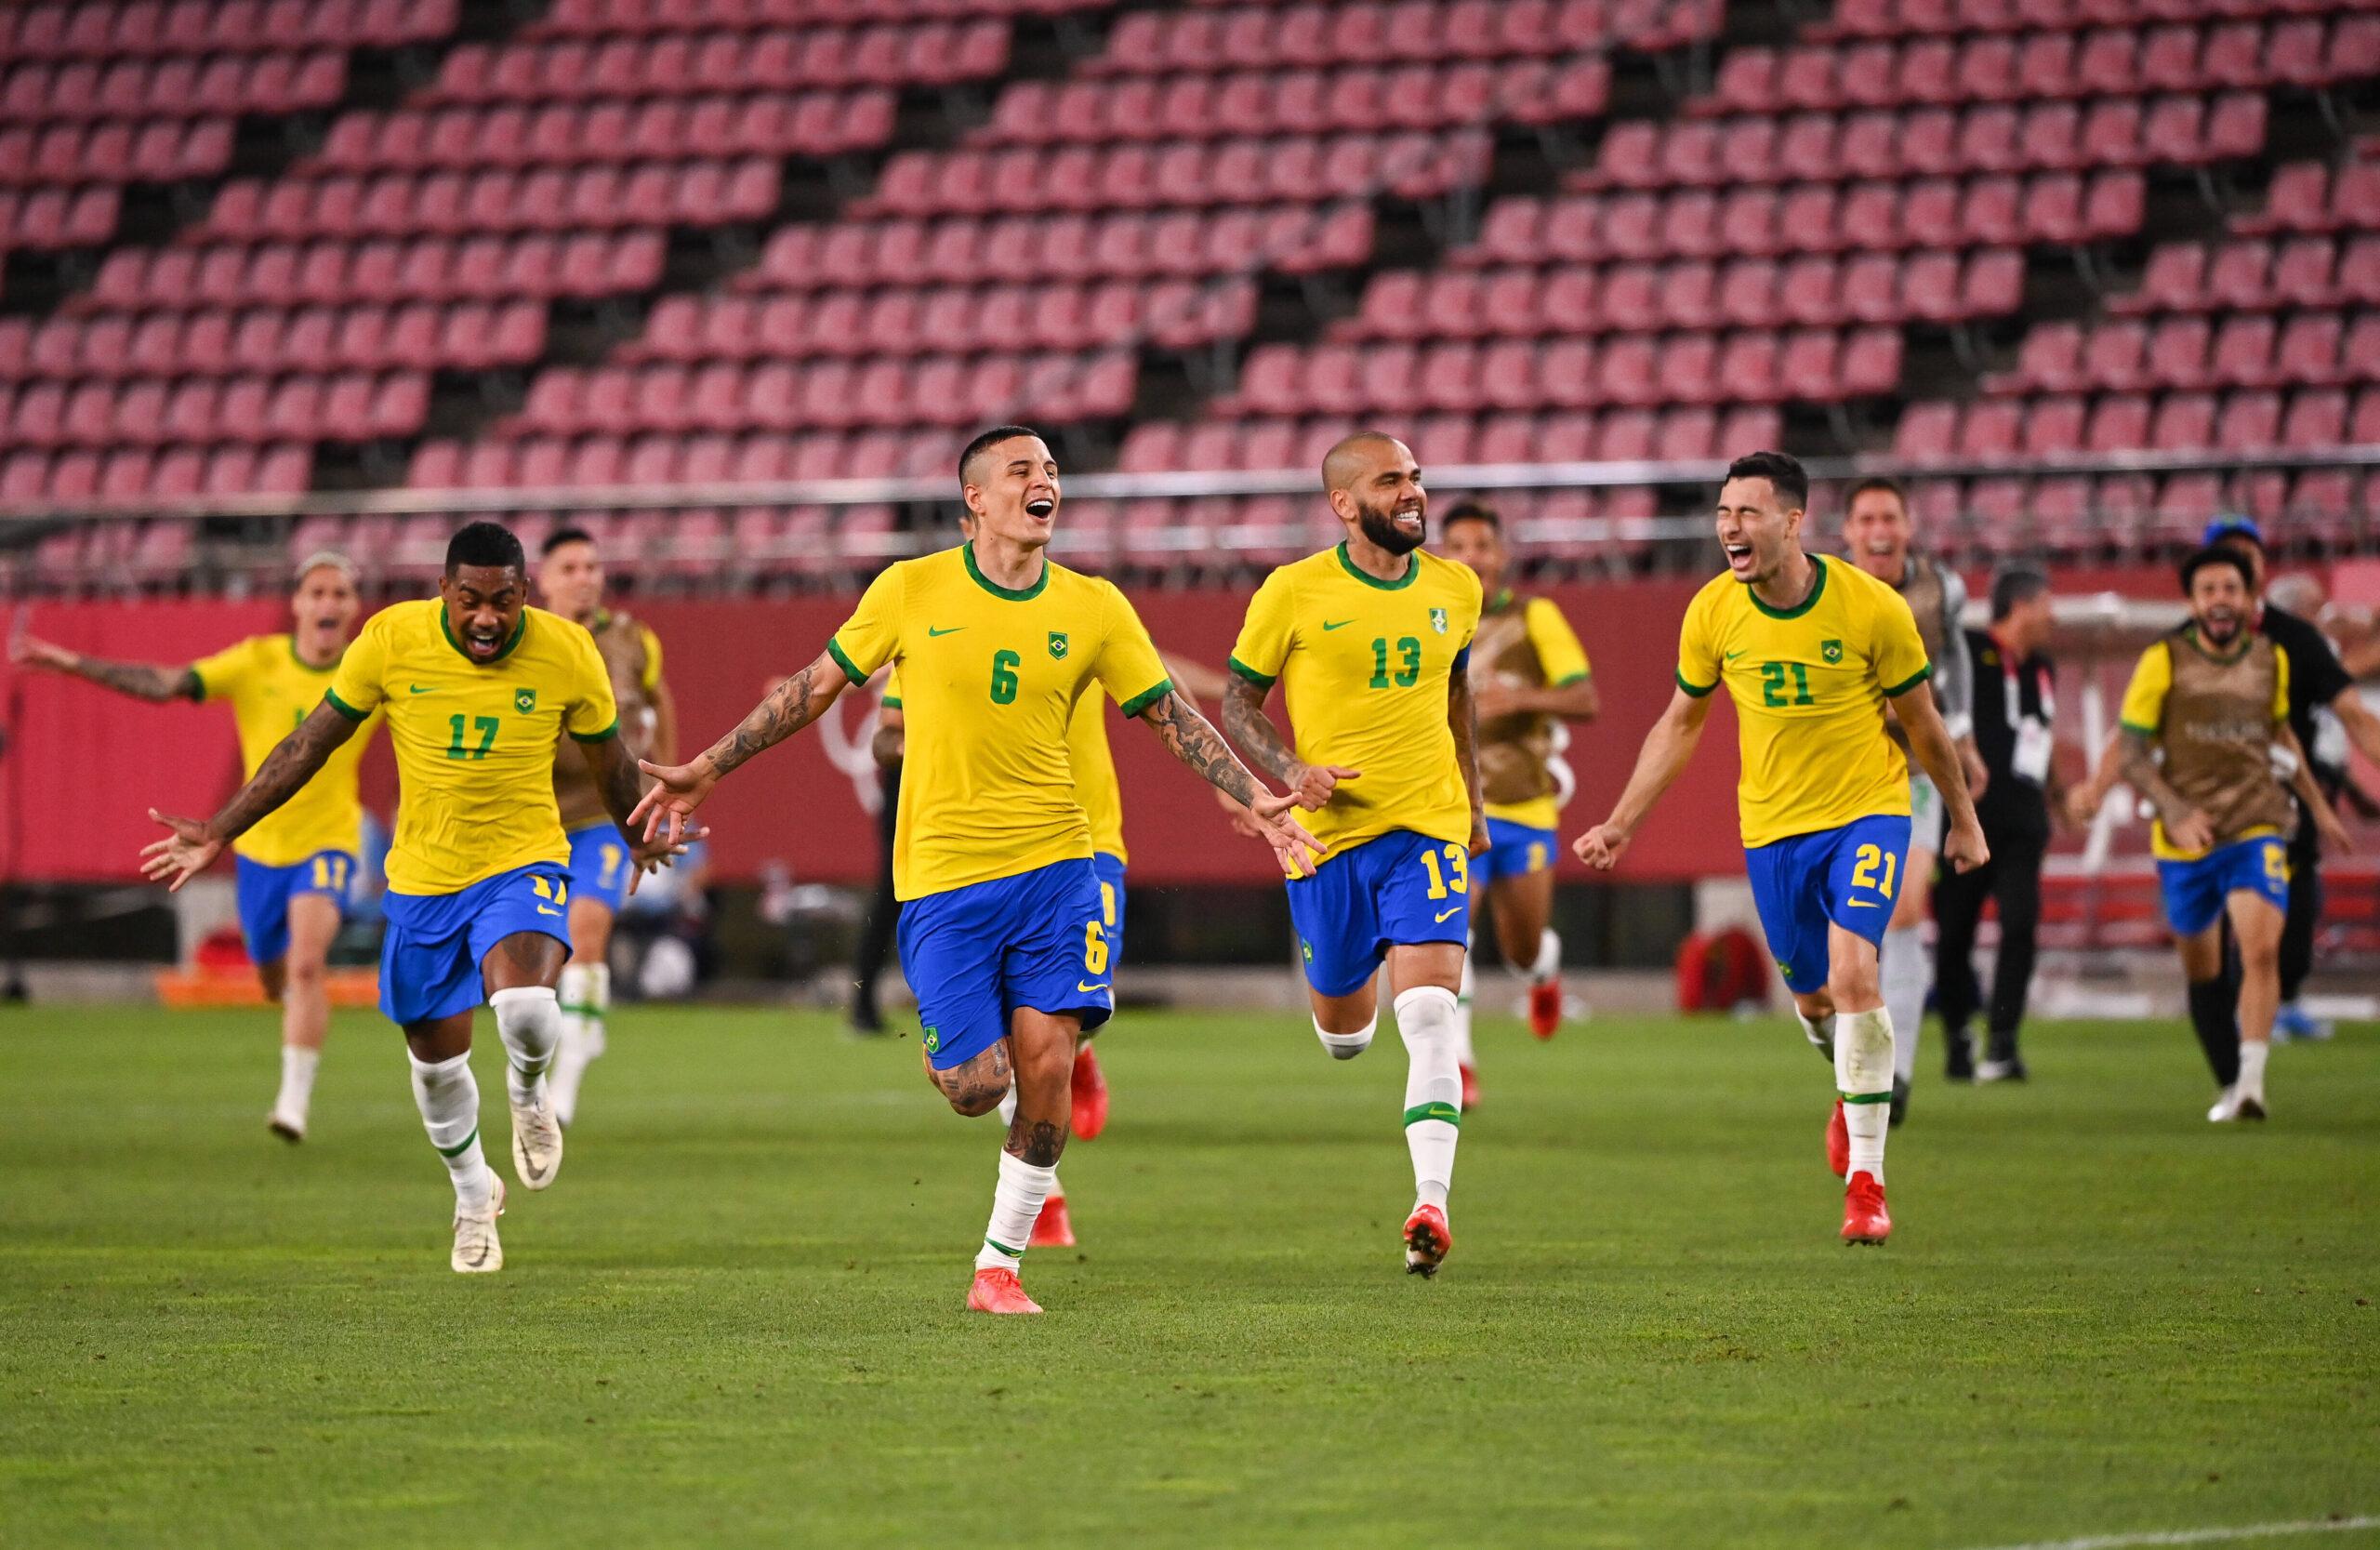 El centrocampista brasileño comenta sobre el partido por la medalla de oro contra España